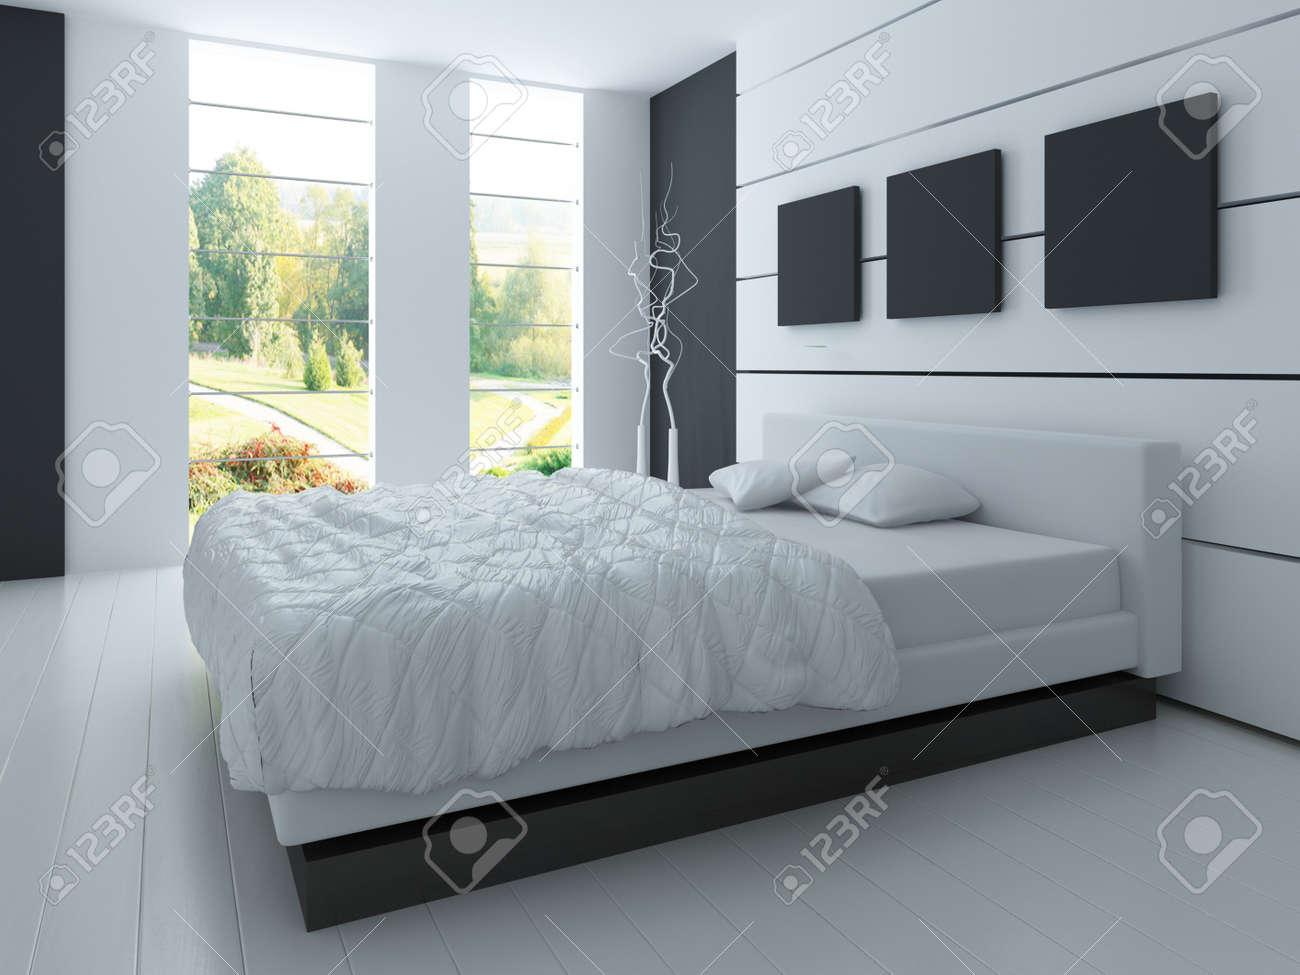 Noir de conception moderne et l\'intérieur de la chambre blanche